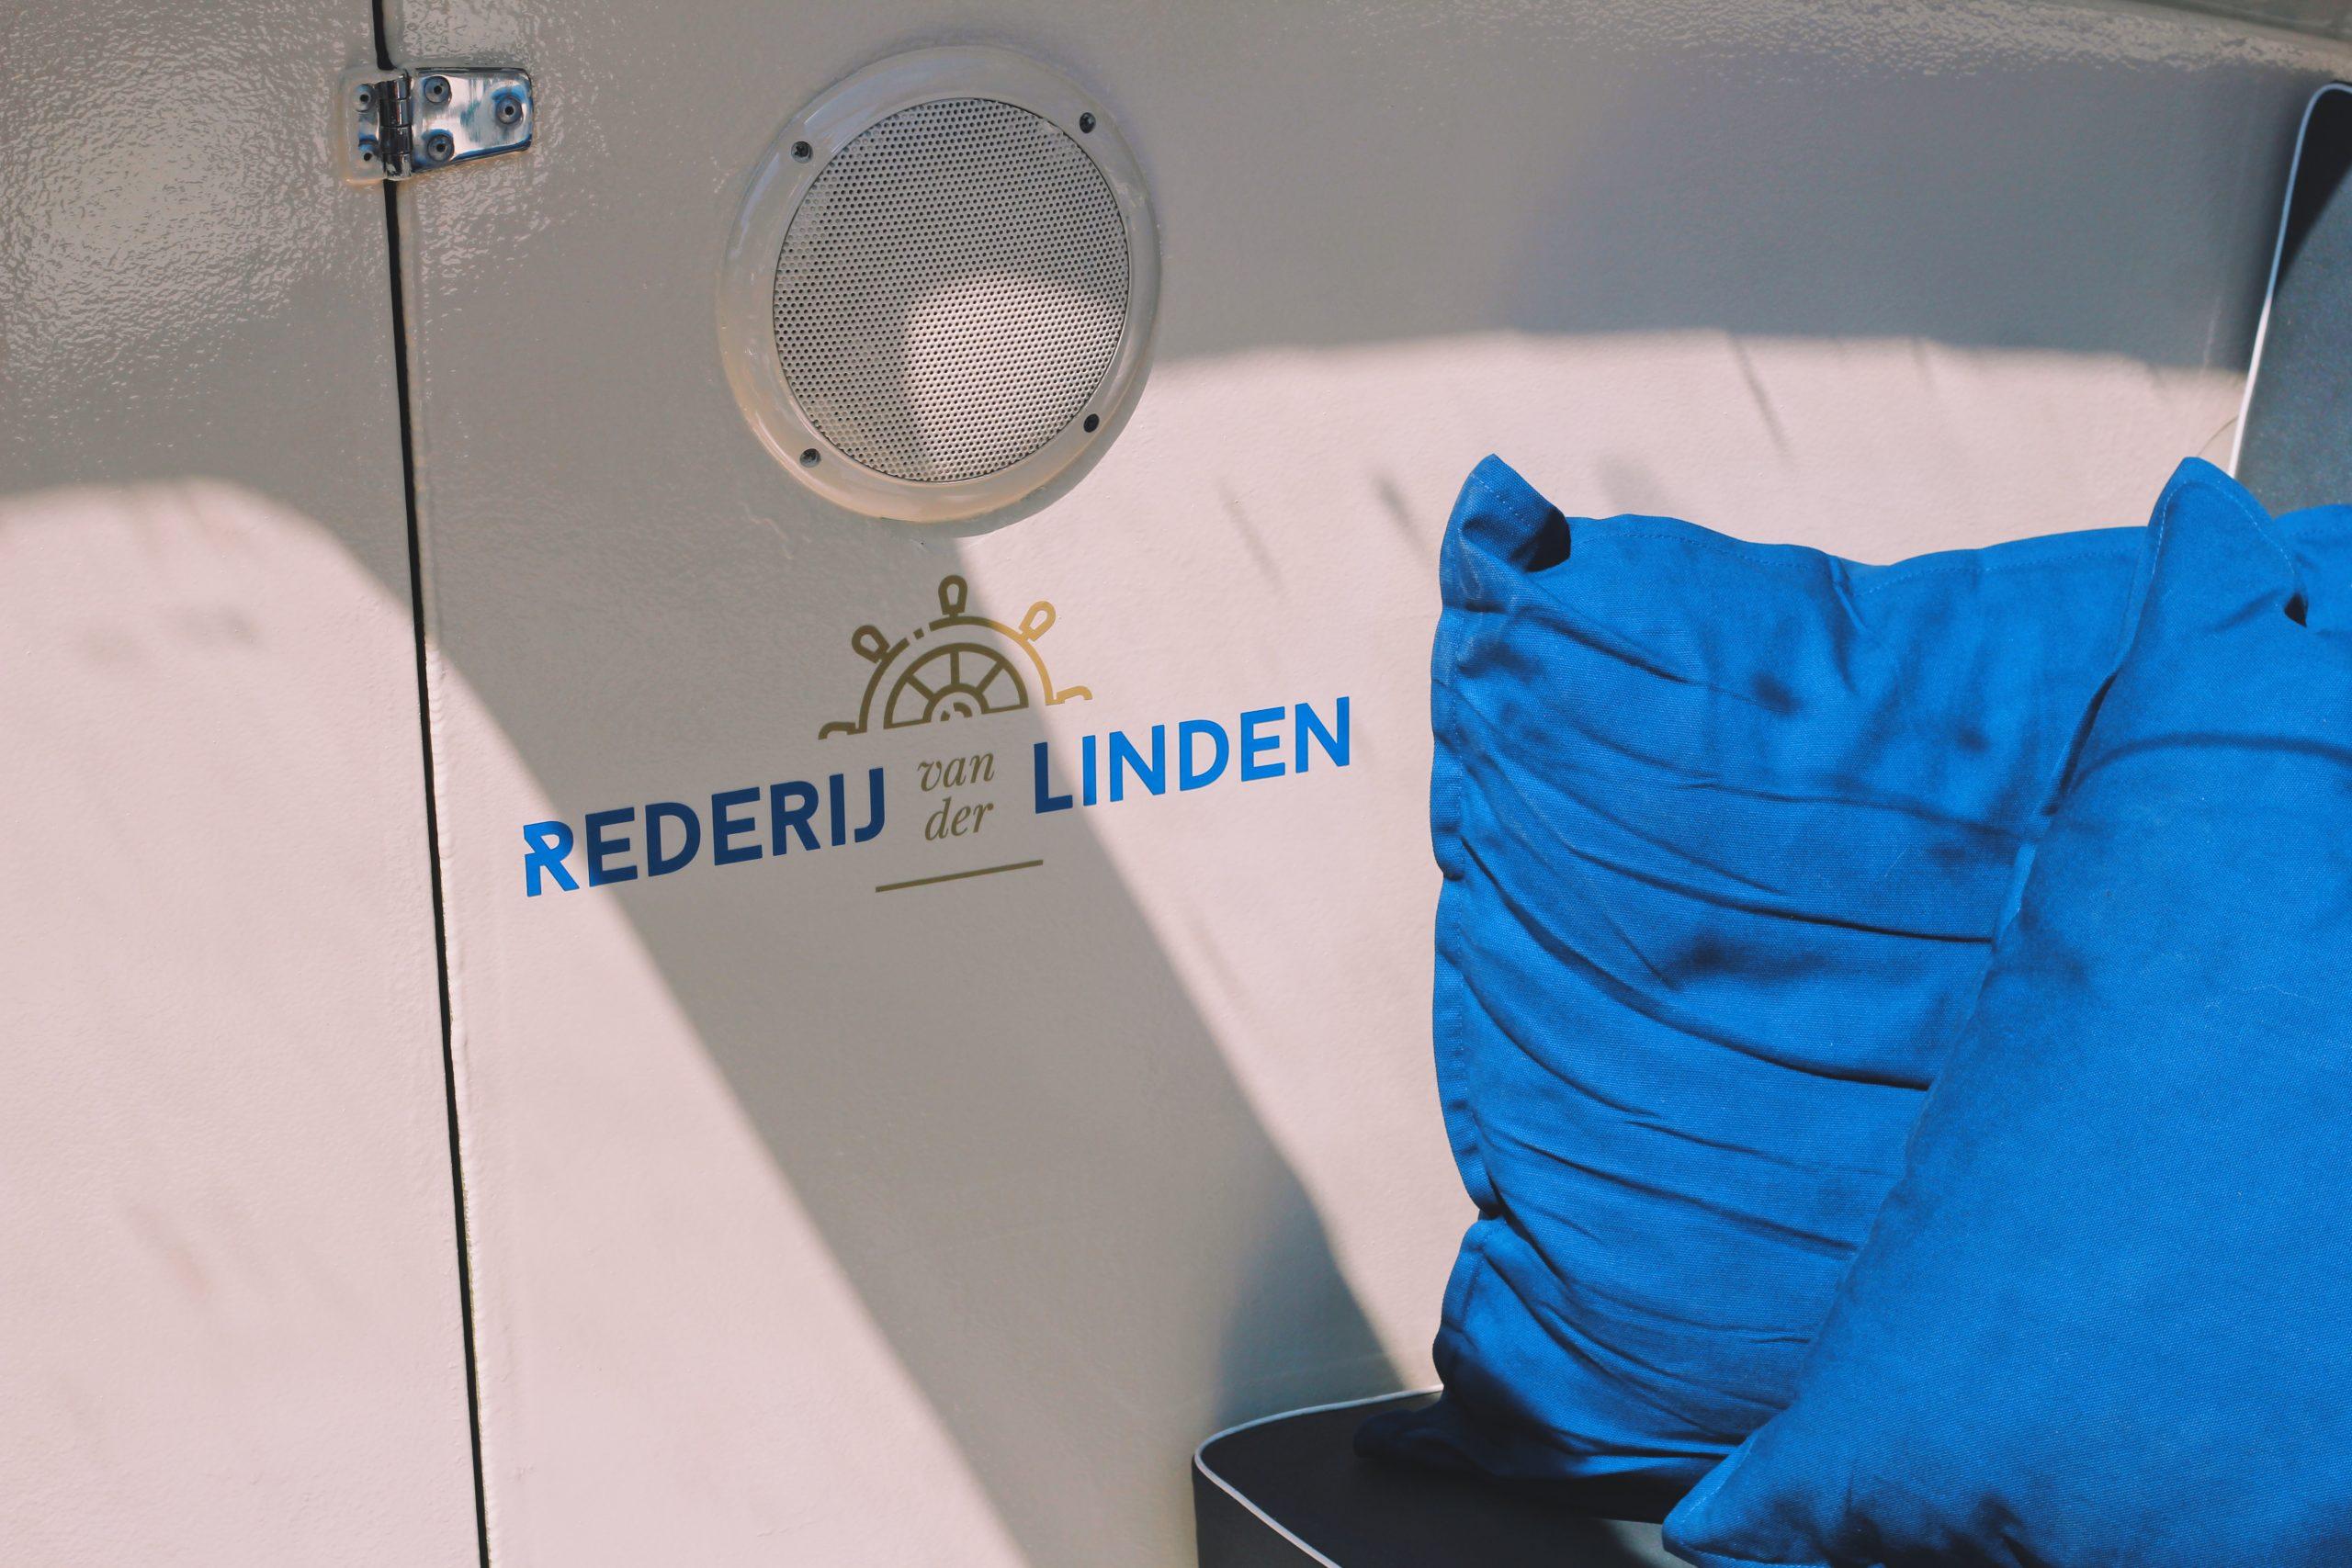 Rederij van der Linden